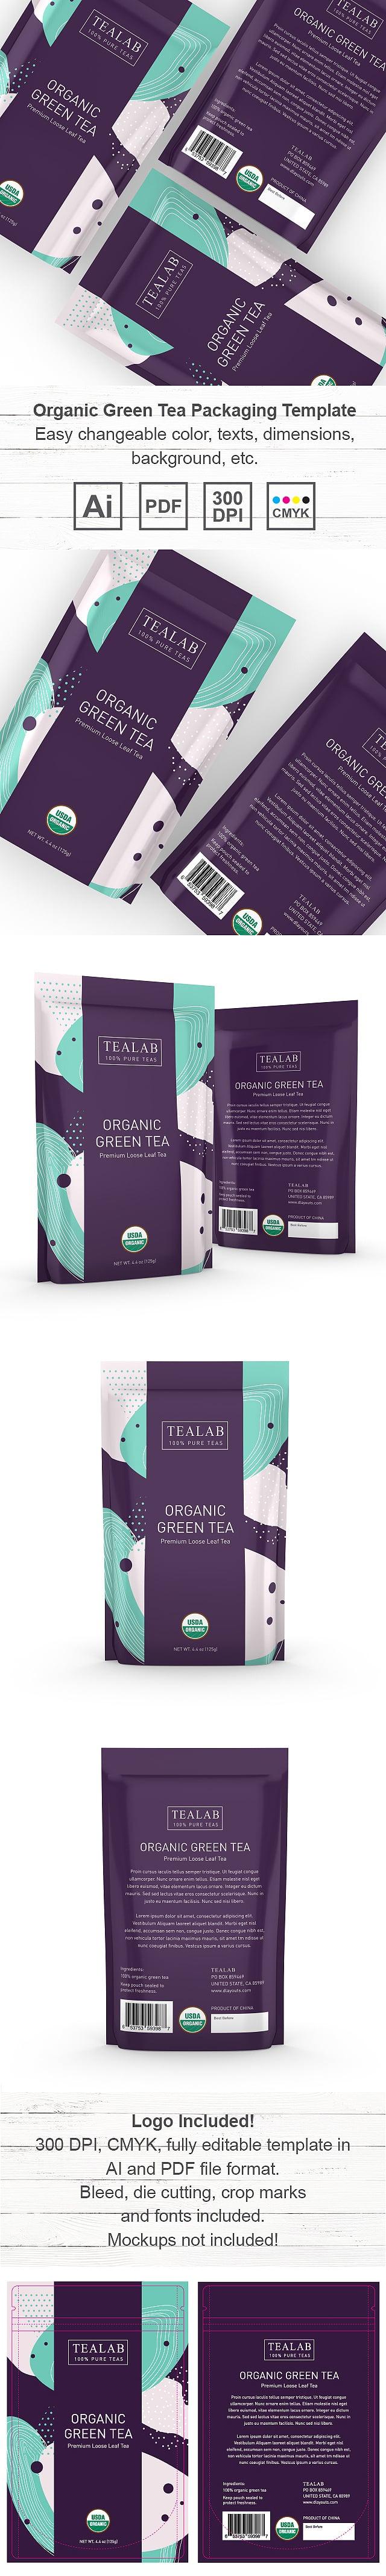 Organic Green Tea Loose Leaf Packaging Template